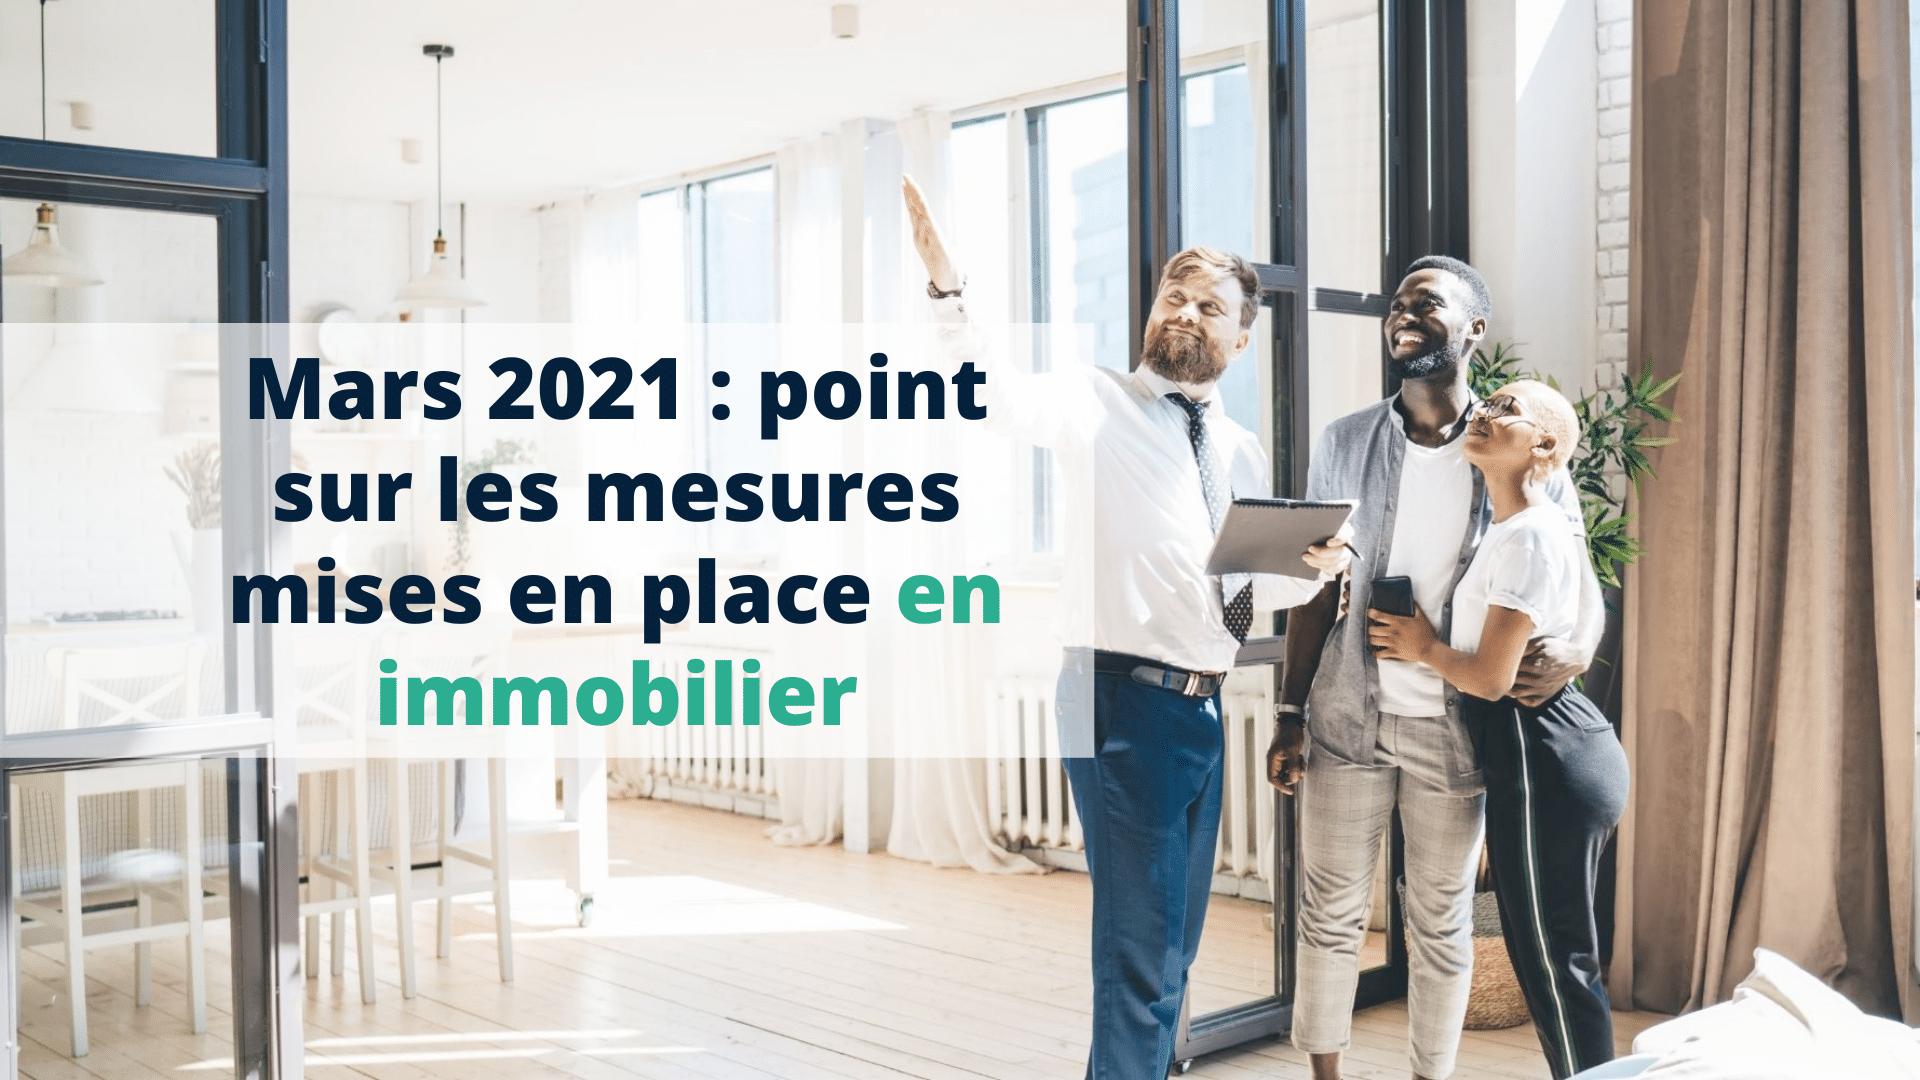 Mars 2021 point sur les mesures mises en place en immobilier - Start Learning